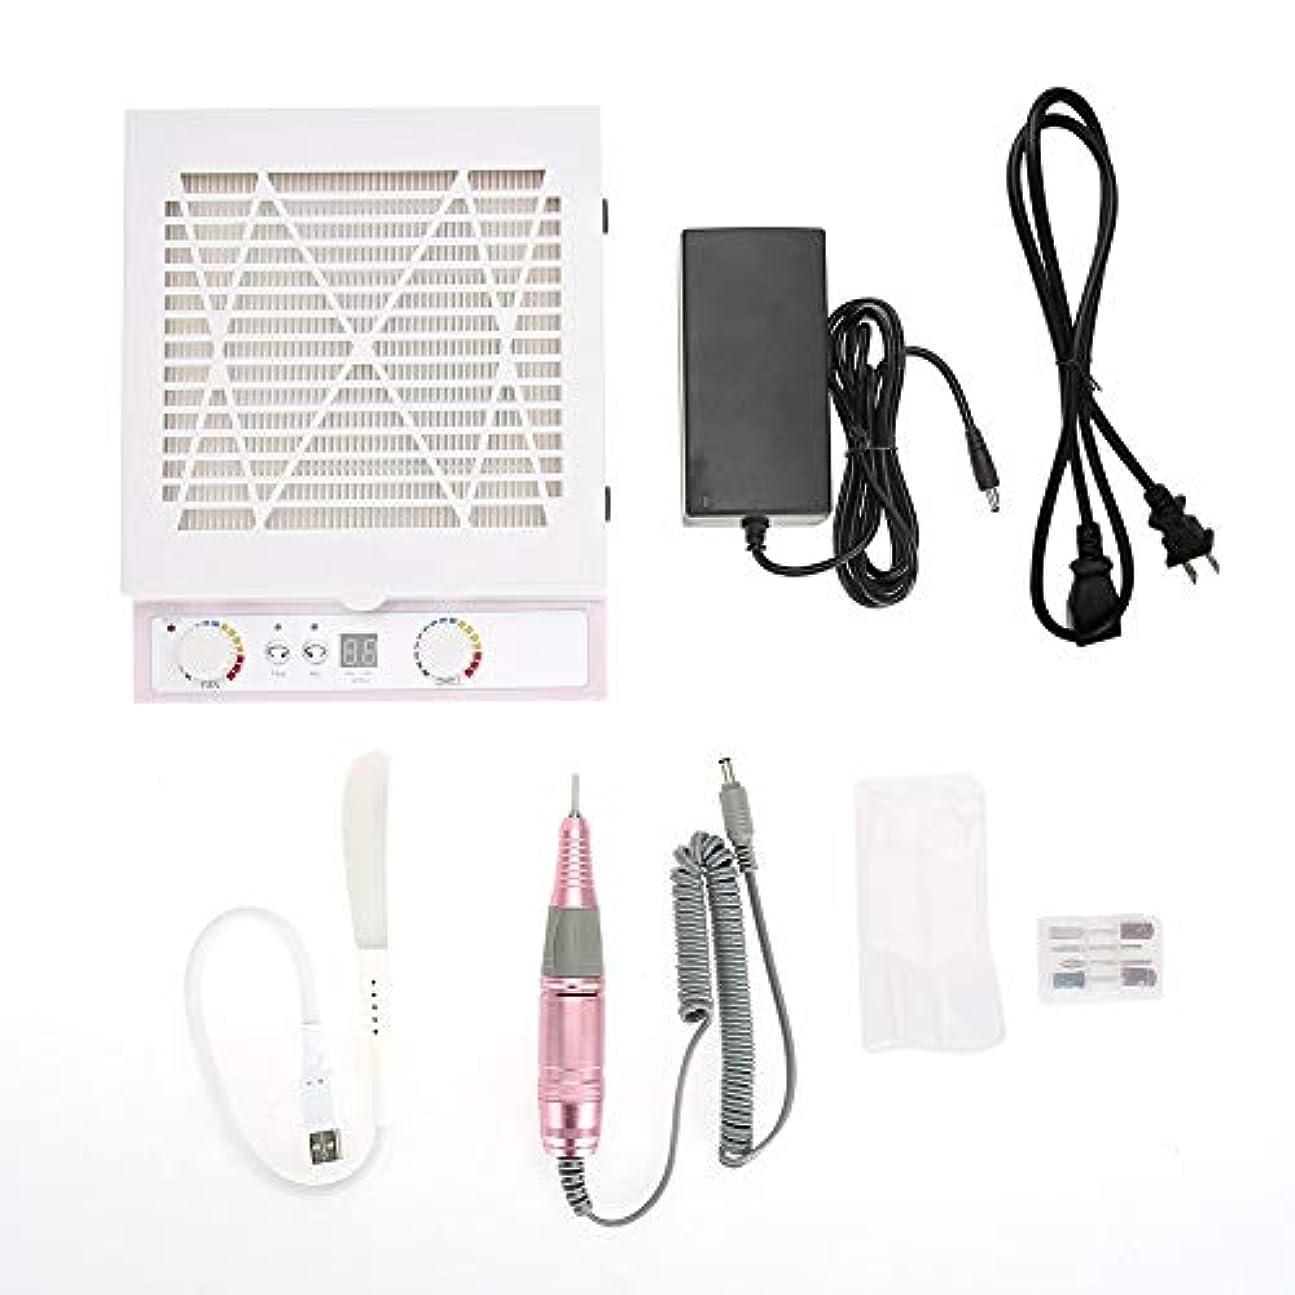 グリーンバックフレッシュジャニスYOUTHINK 48W 3 in1電動ネイルドリル 集塵機 ネイルポリッシュ機 25000 rpm LEDライトネイルアート機器 LCD表示(USプラグ)